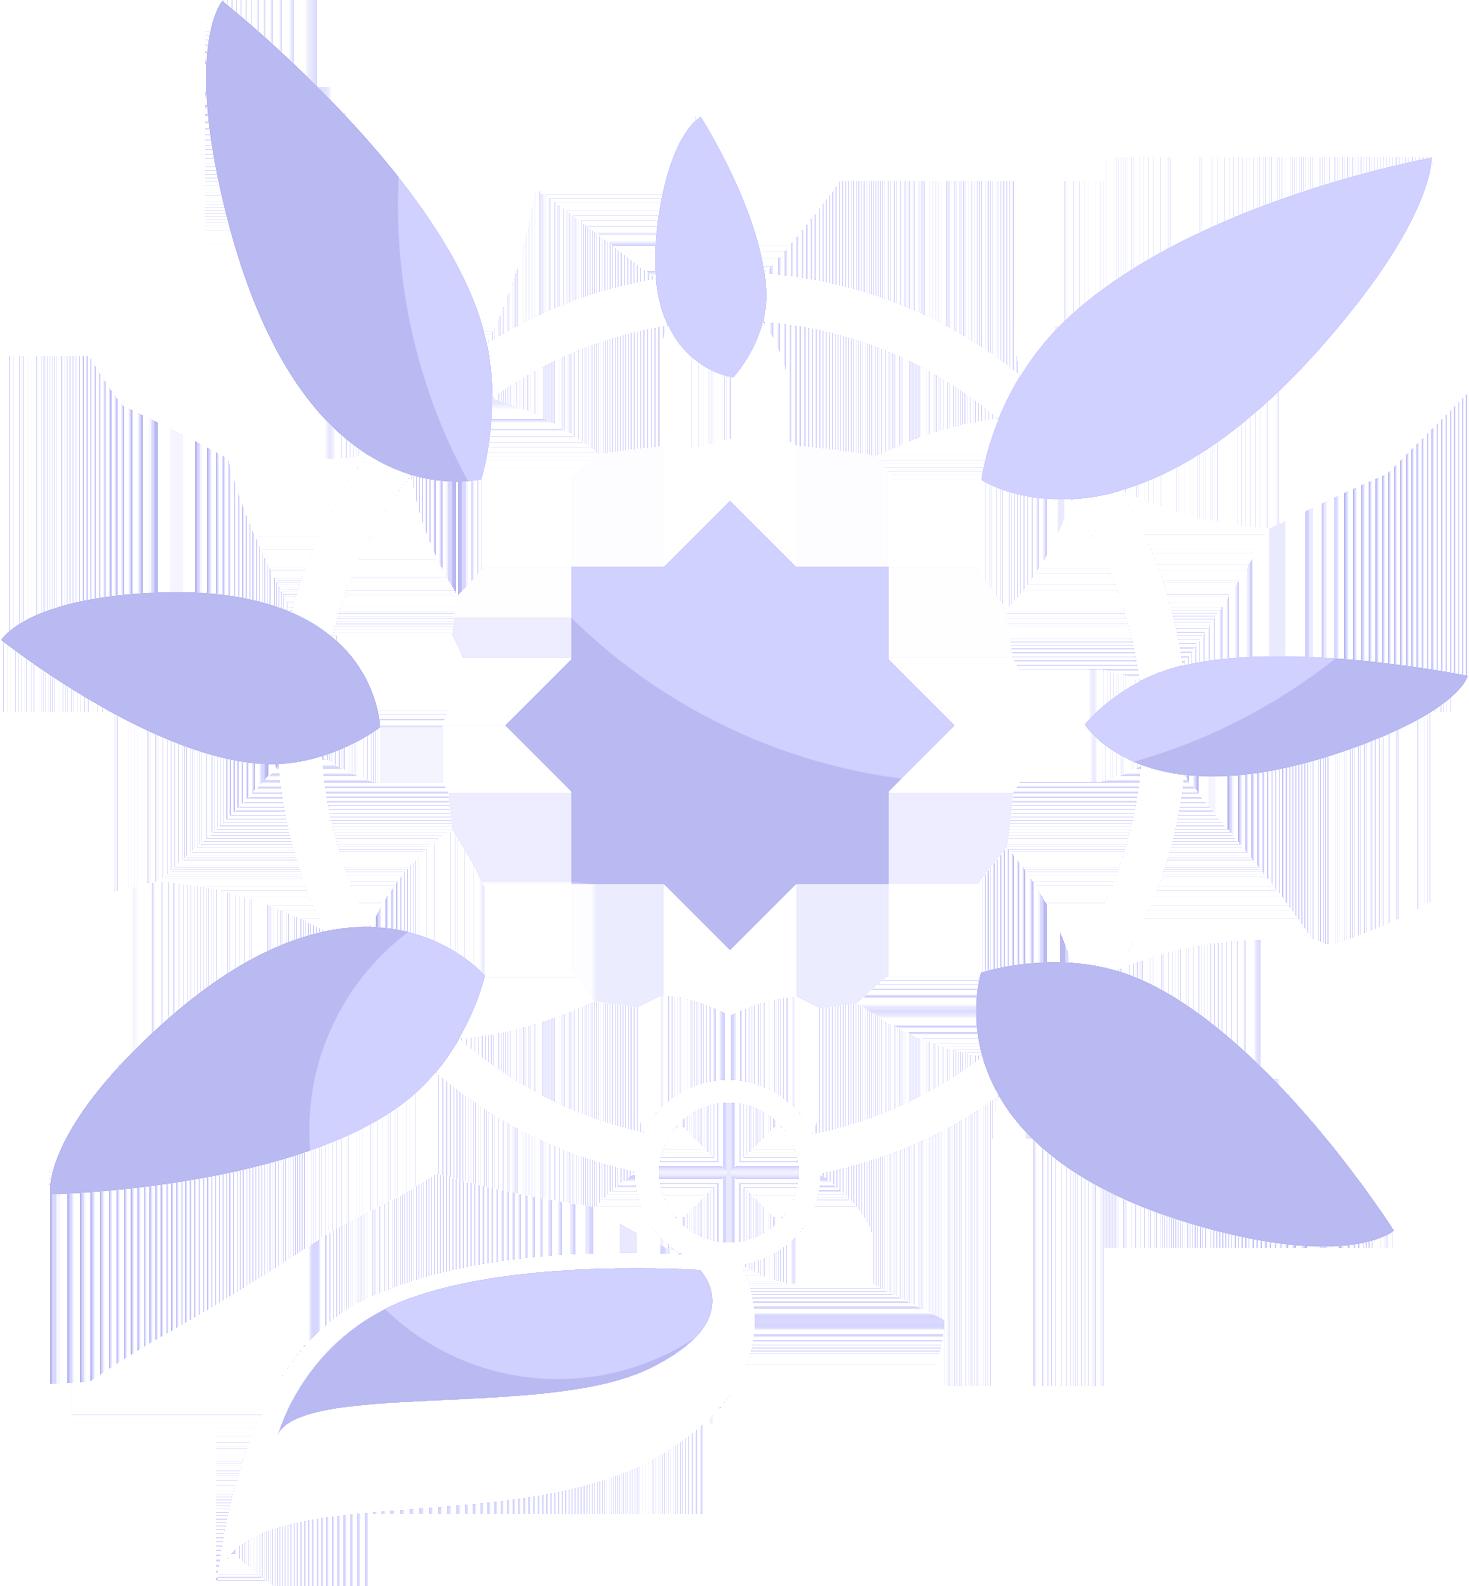 le logo de CipherBliss sur mon instance mastodon